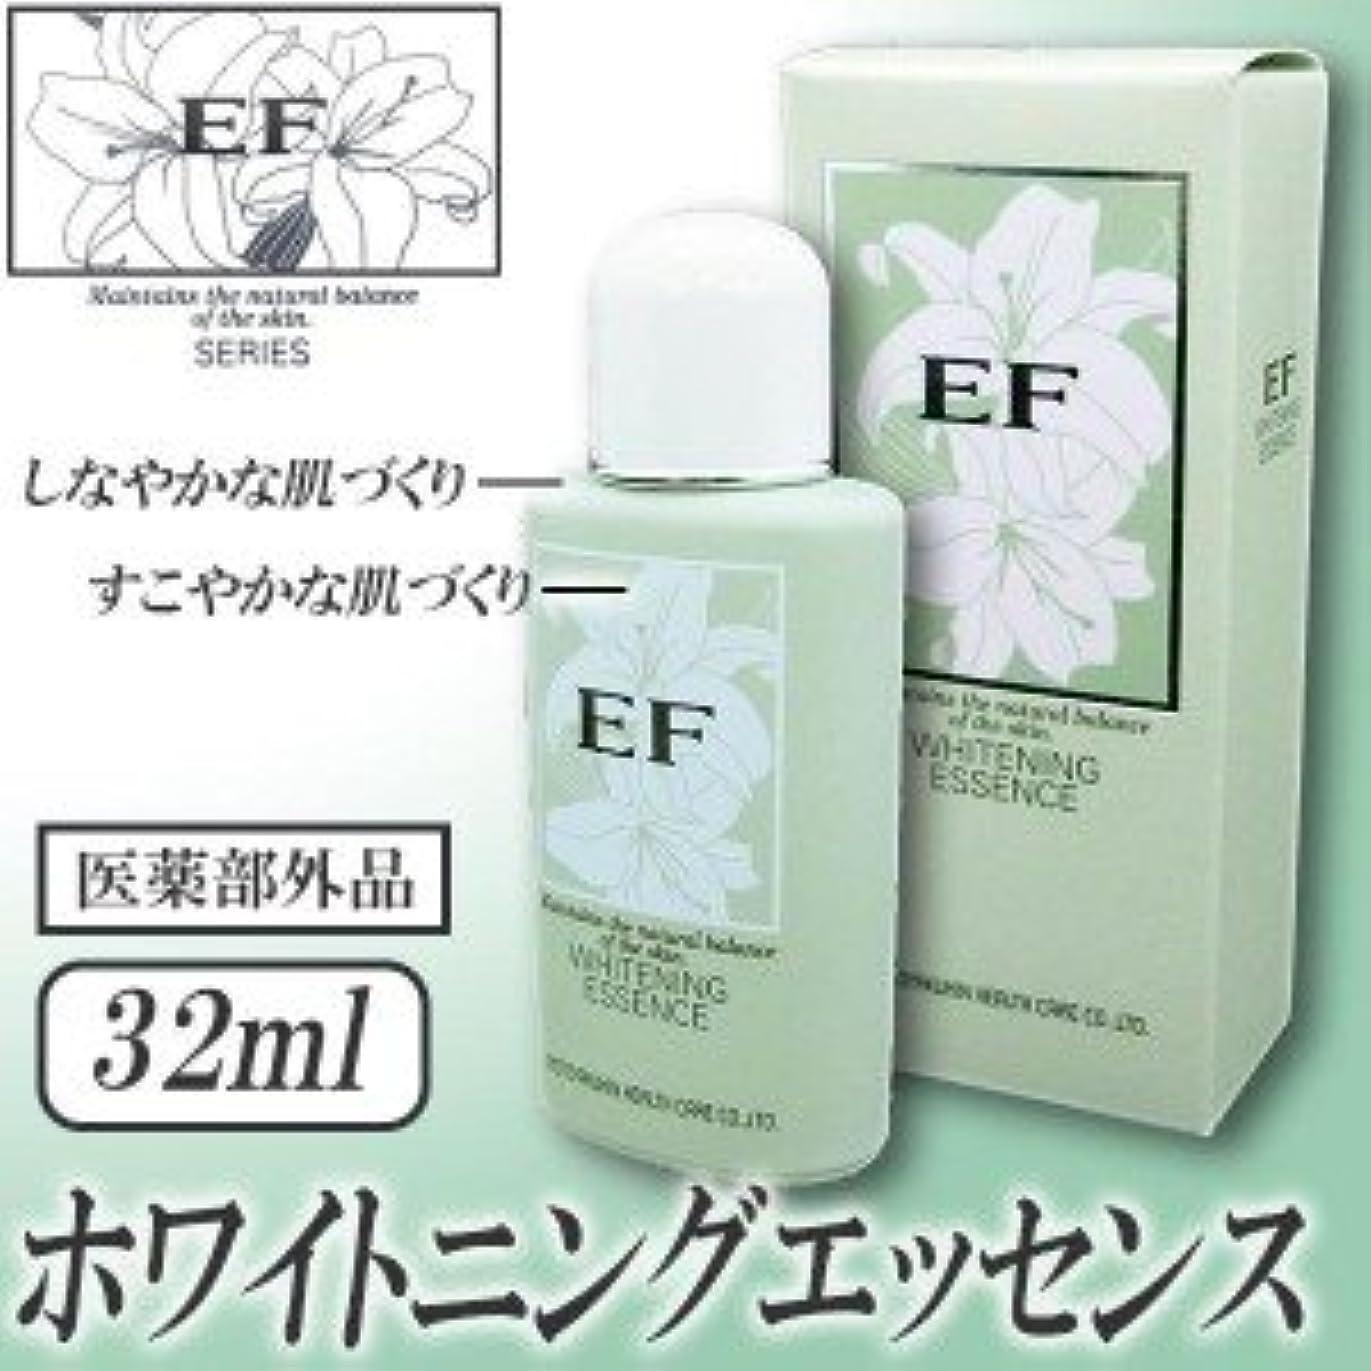 ミット申し立て抵当EFホワイトニングエッセンス(美容液*医薬部外品) 32mL